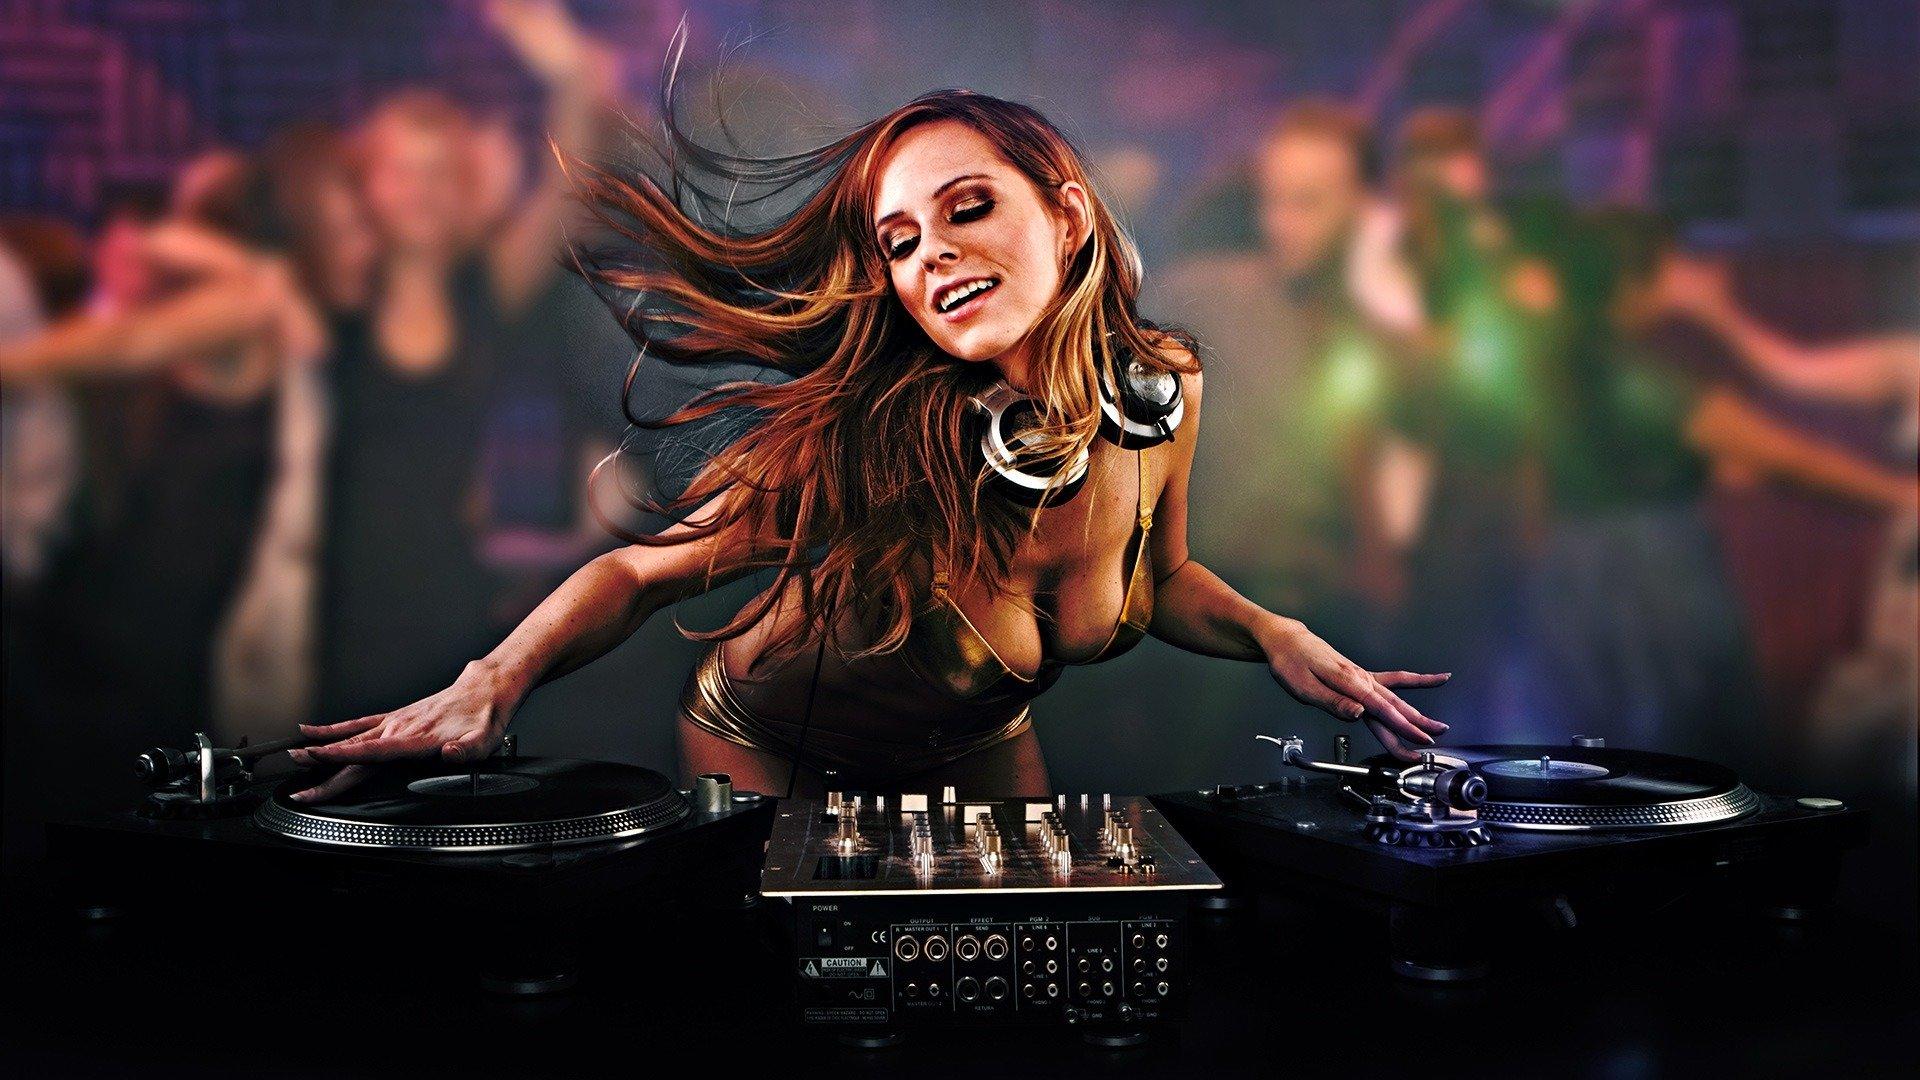 Клубная музыка прослушать и скачать бесплатно и без регистрации